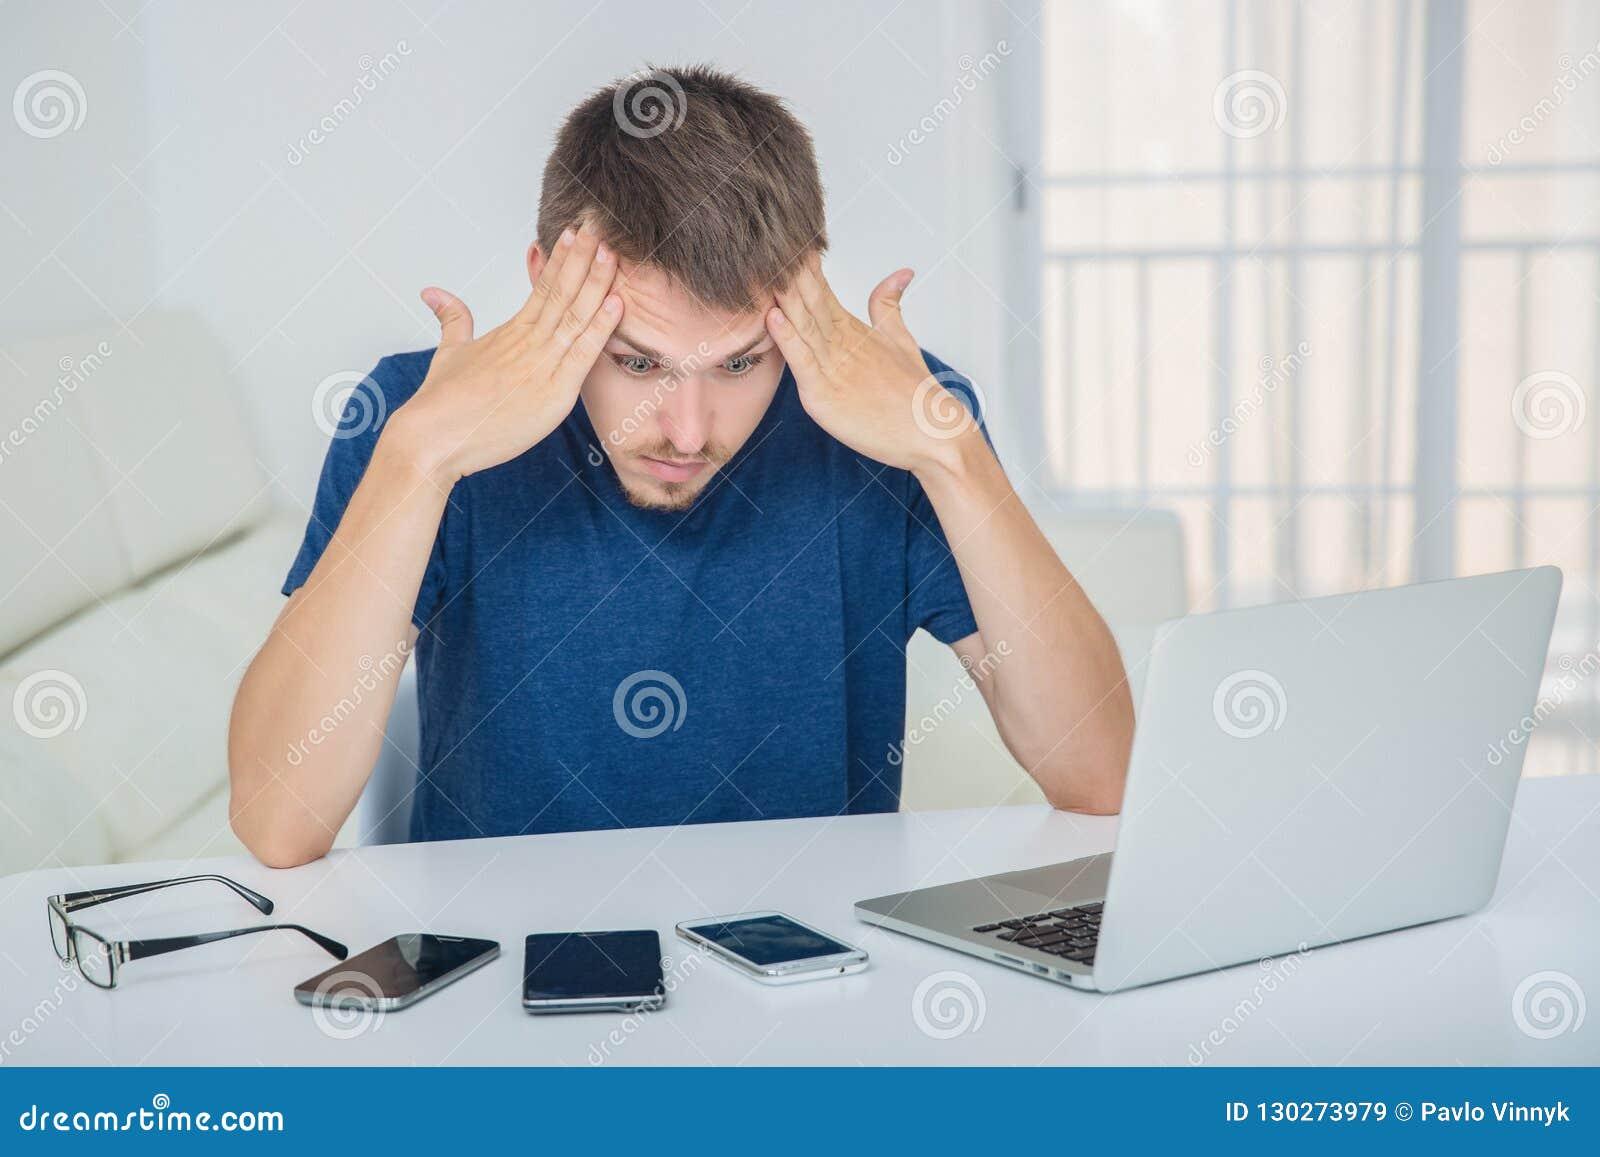 Ο νεαρός άνδρας έχει έναν πονοκέφαλο από τον υψηλό φόρτο εργασίας